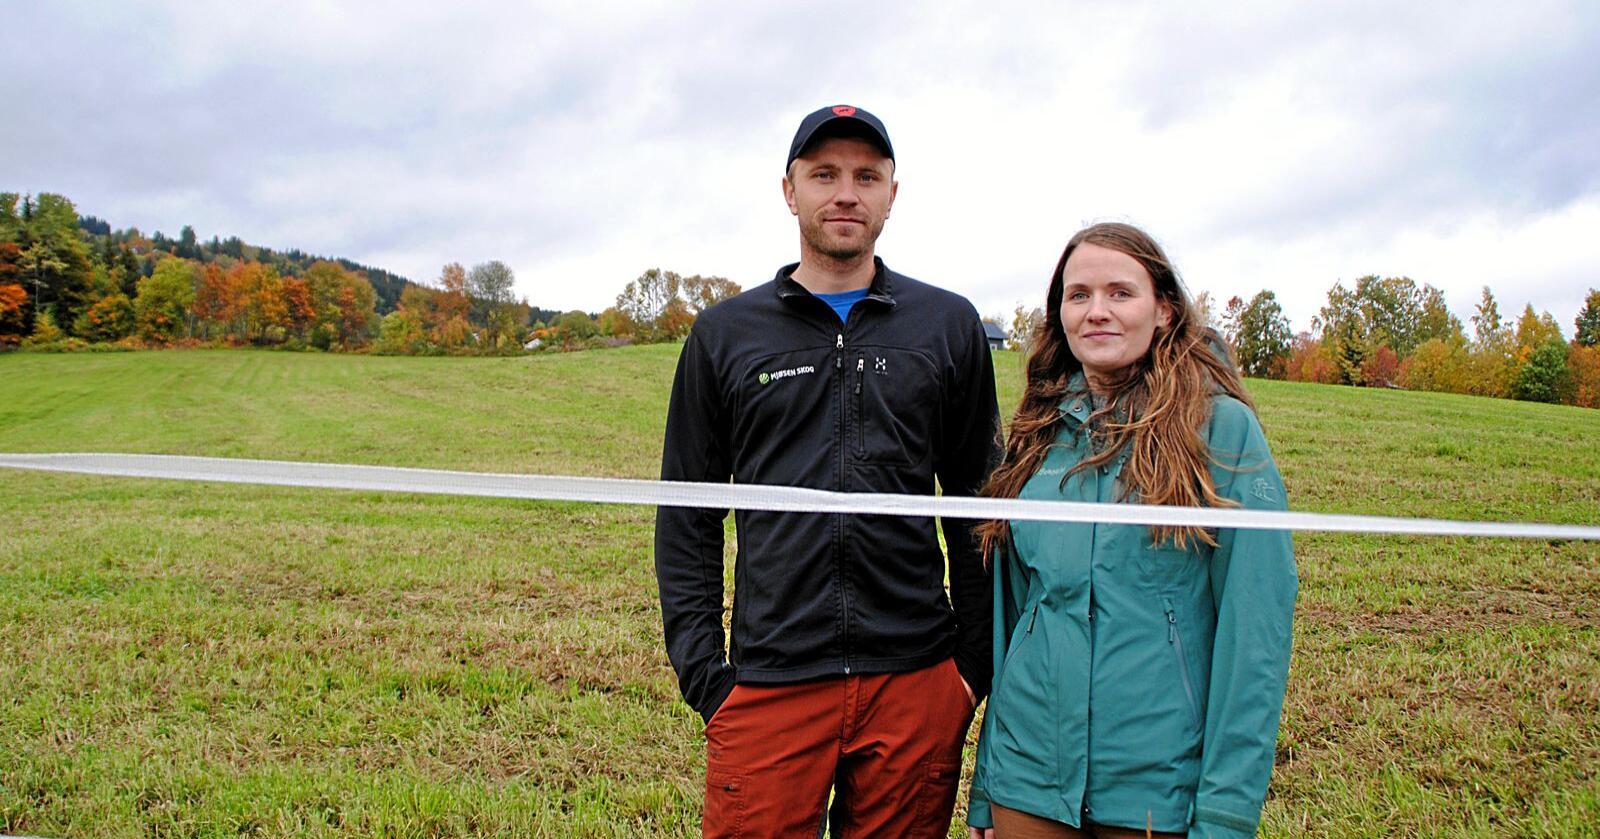 Maren Stumlien og Eivind Nordby hadde planlagt å bygge nytt melkefjøs i 2020. Derfor var det en tung beskjed å få når Innovasjon Norges investeringsmidler til landbruket var borte allerede før første halvår var over. Foto: Lars Bilit Hagen